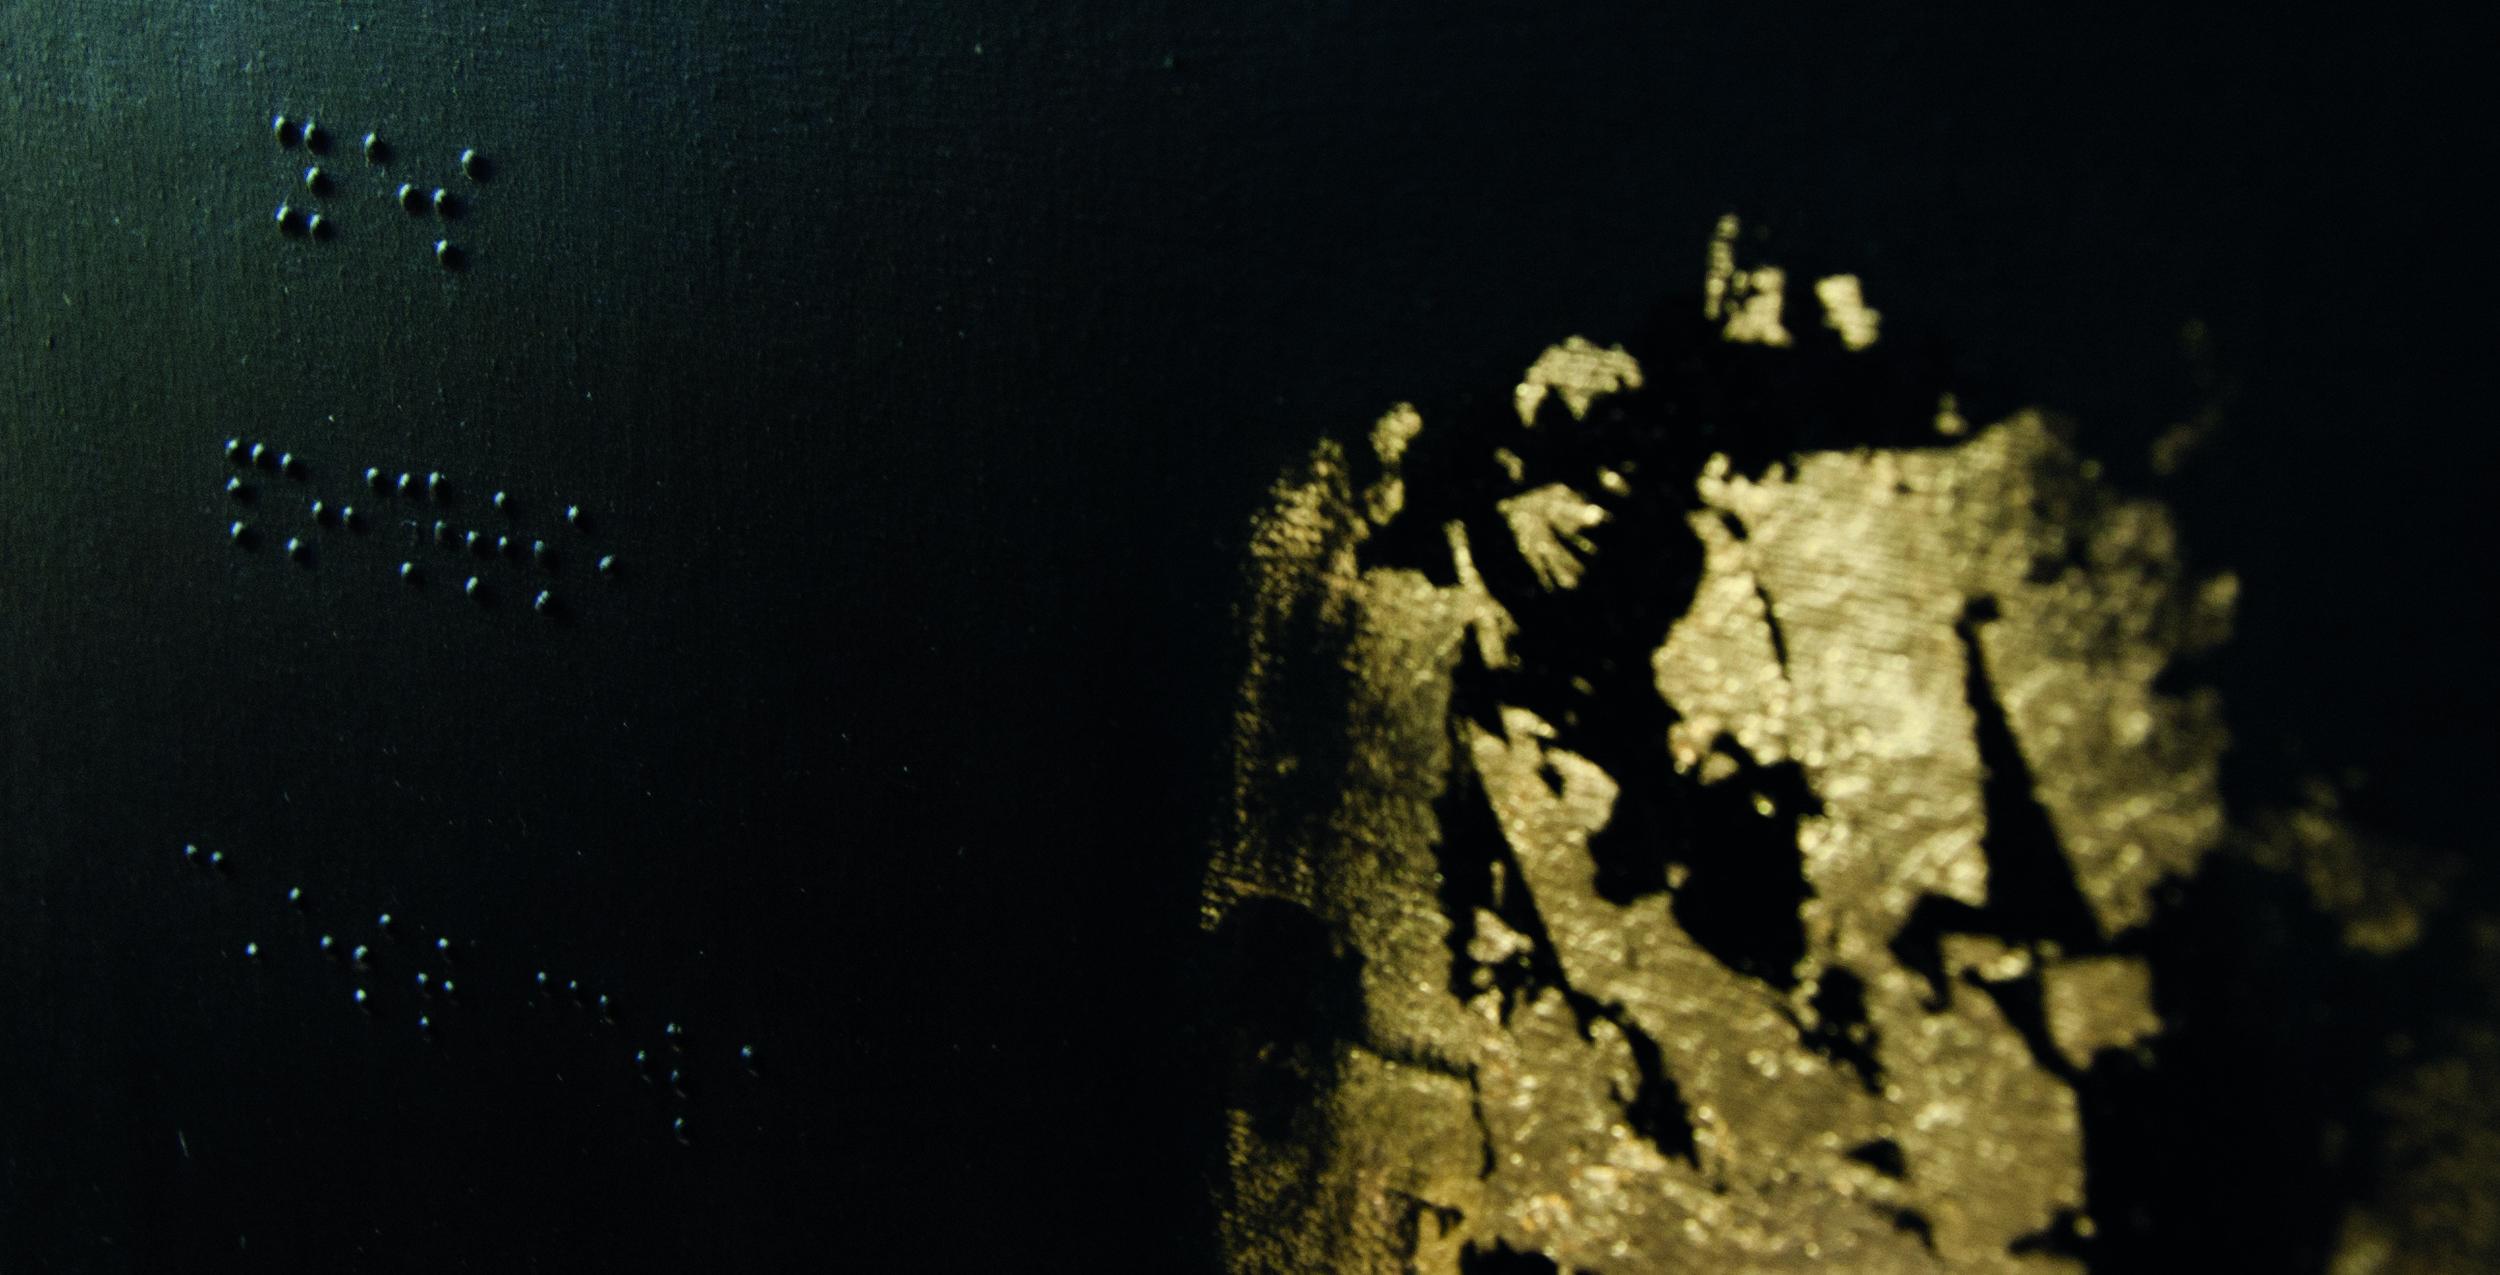 """Voir ou ne pas voir - Une exposition sur la réflexion d'Antoine de Saint-Exupery: """"On ne voit bien qu'avec le coeur. L'essentiel est invisible pour les yeux"""""""